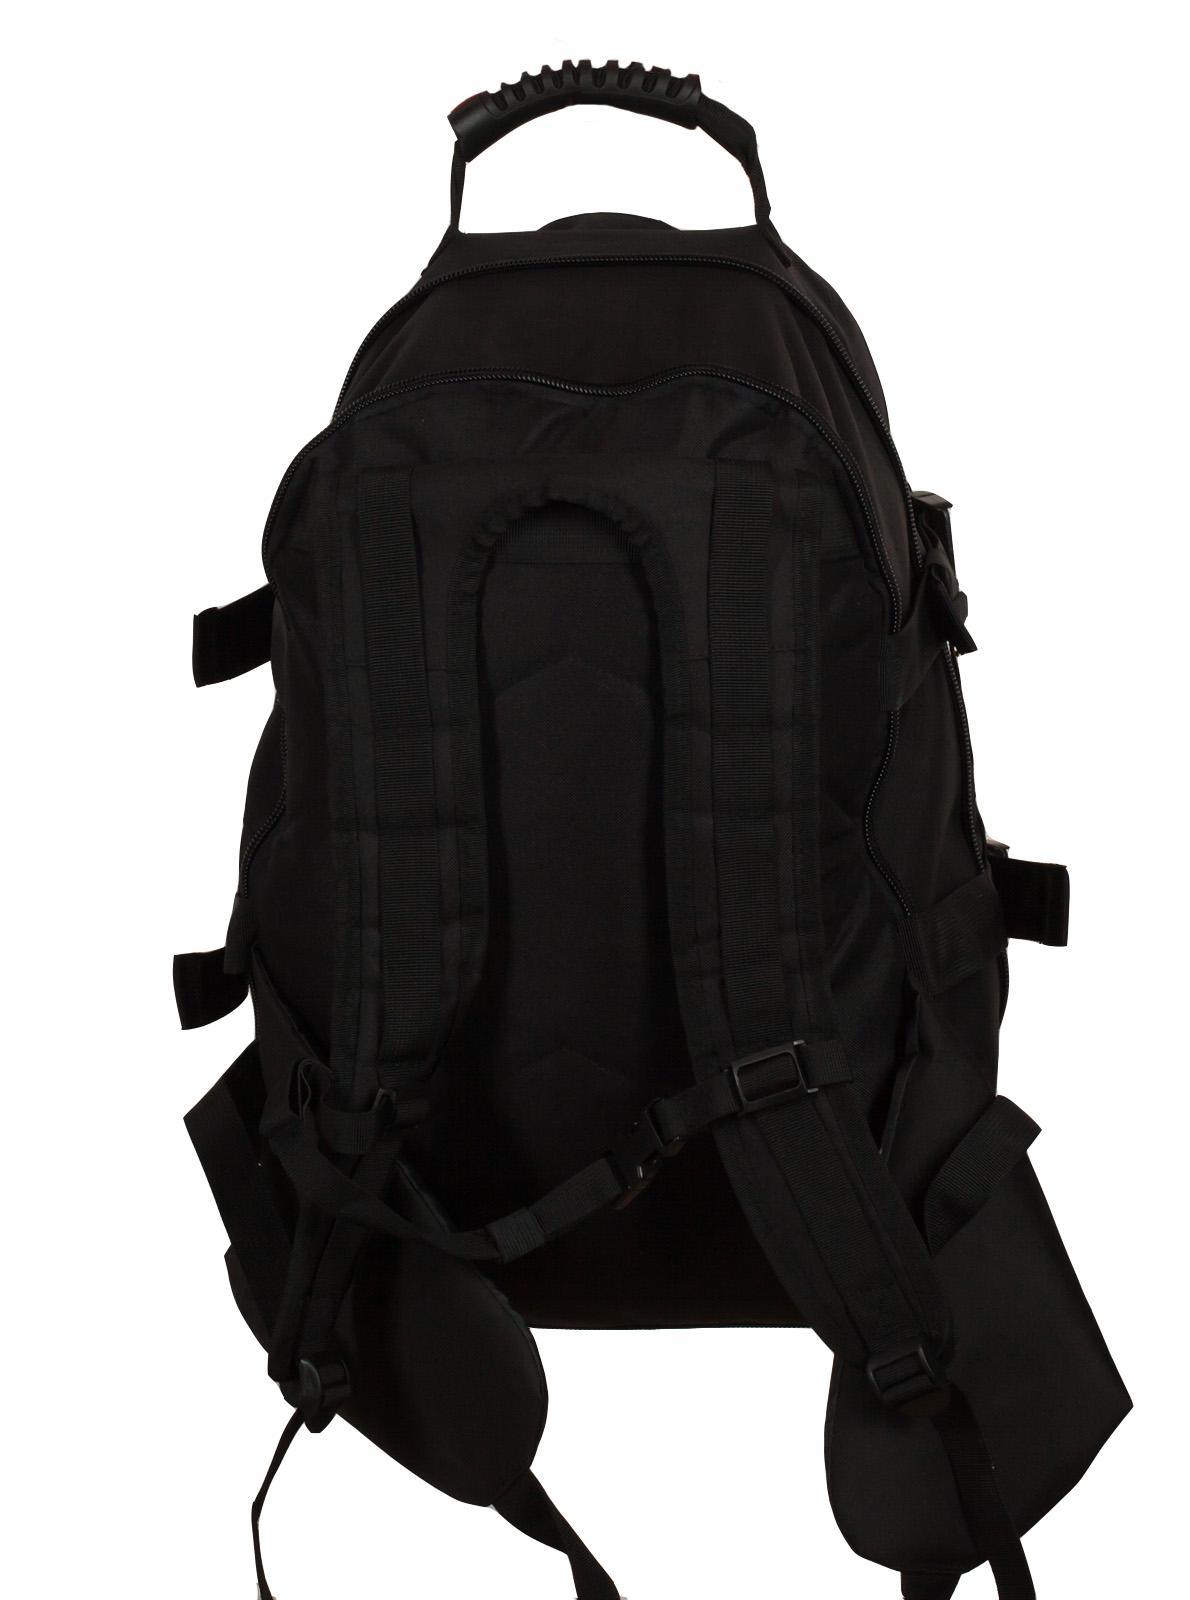 Черный армейский рюкзак с эмблемой МВД России купить по доступной цене